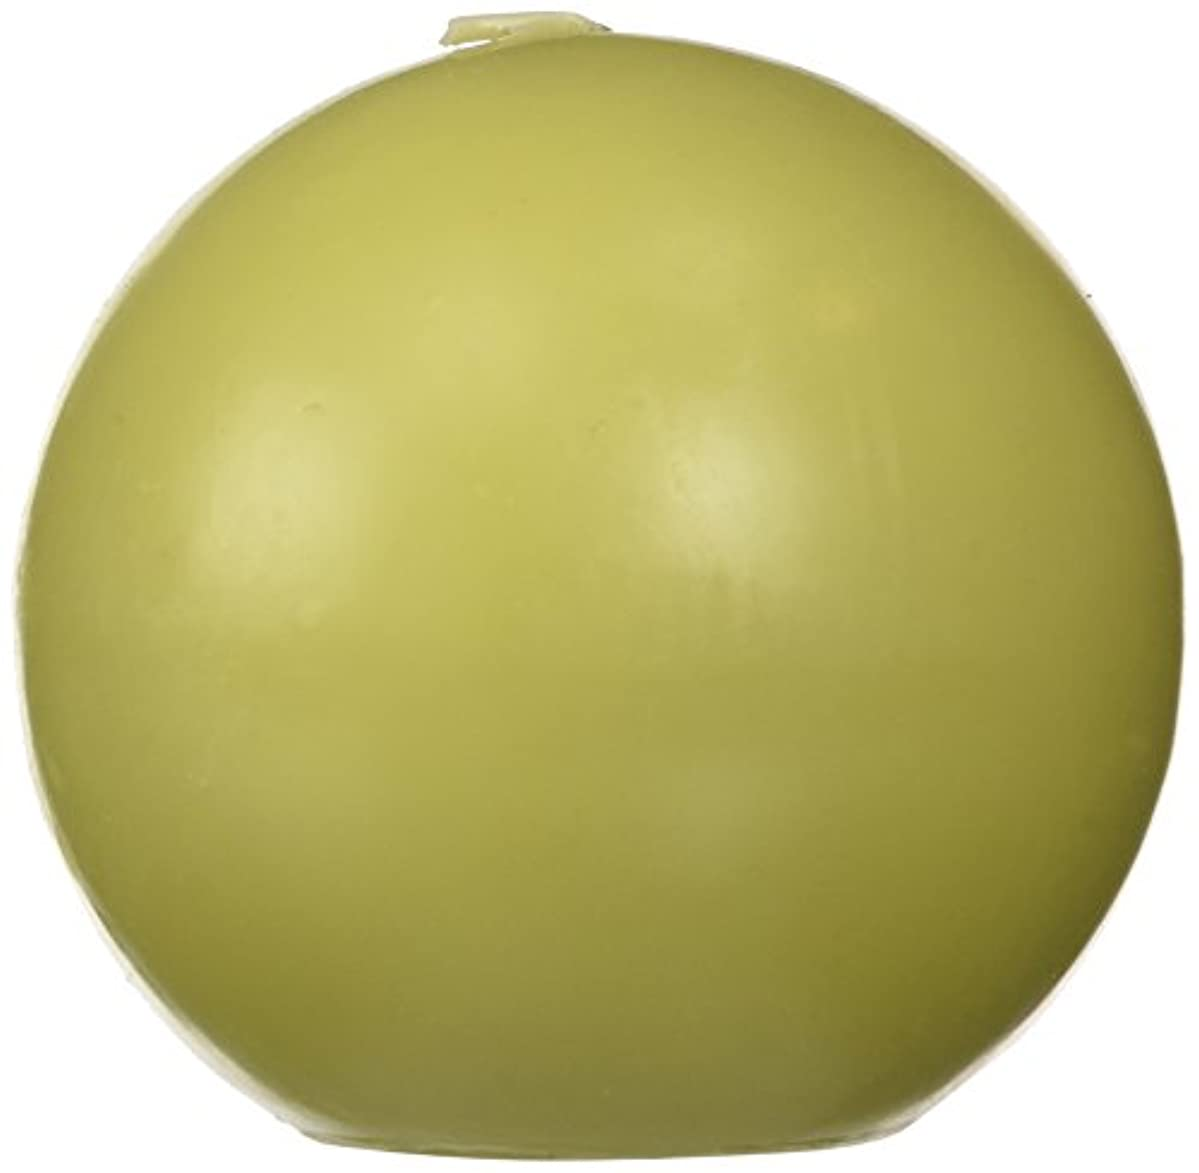 く低いシャーロットブロンテZest Candle CBZ-032 4 in. Sage Green Ball Candles -2pc-Box